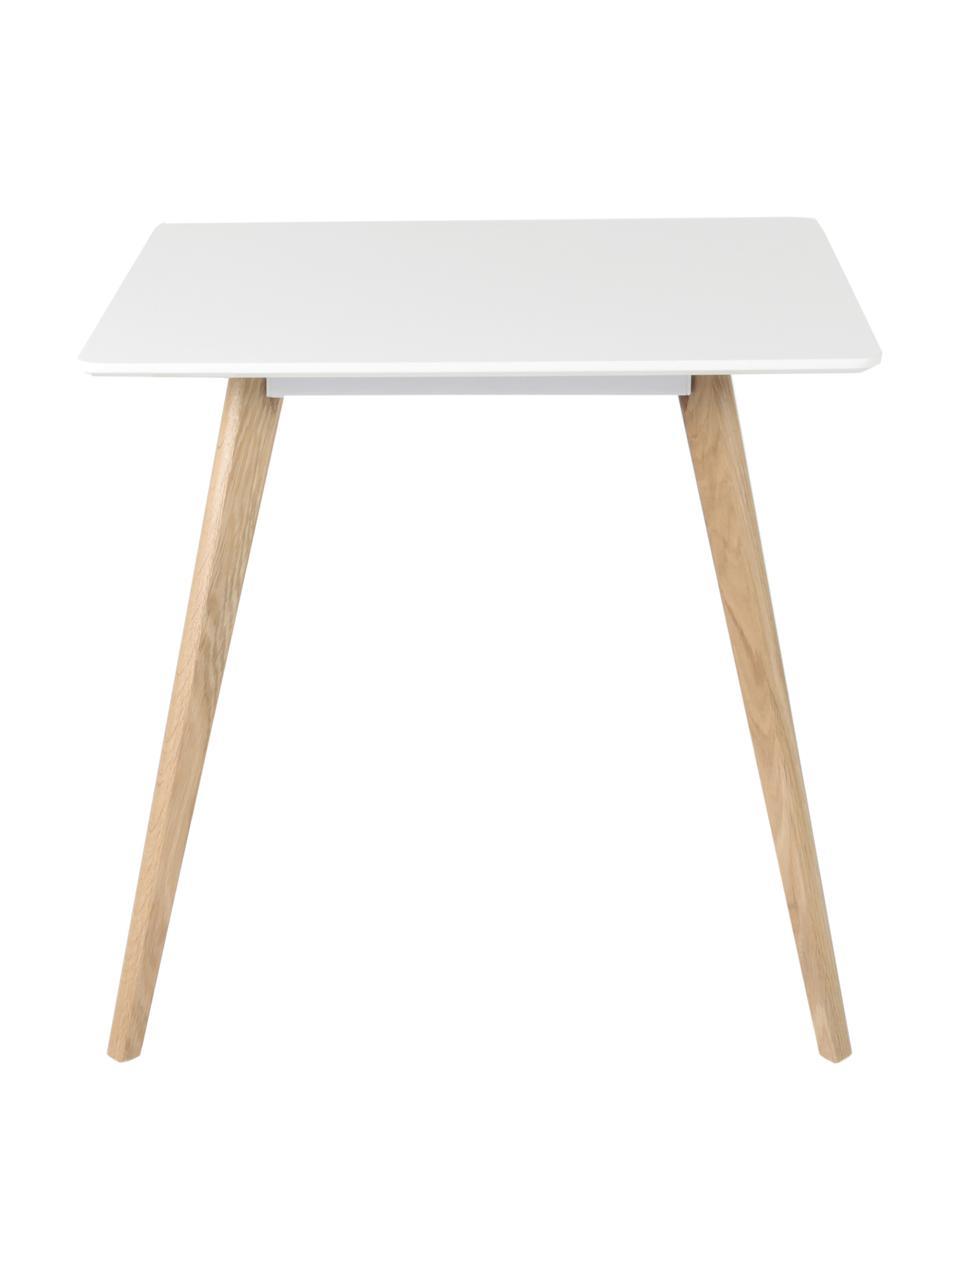 Kleiner quadratischer Esstisch Flamy im Skandi-Design, Tischplatte: Mitteldichte Holzfaserpla, Weiß, Eichenholz, B 80 x T 80 cm